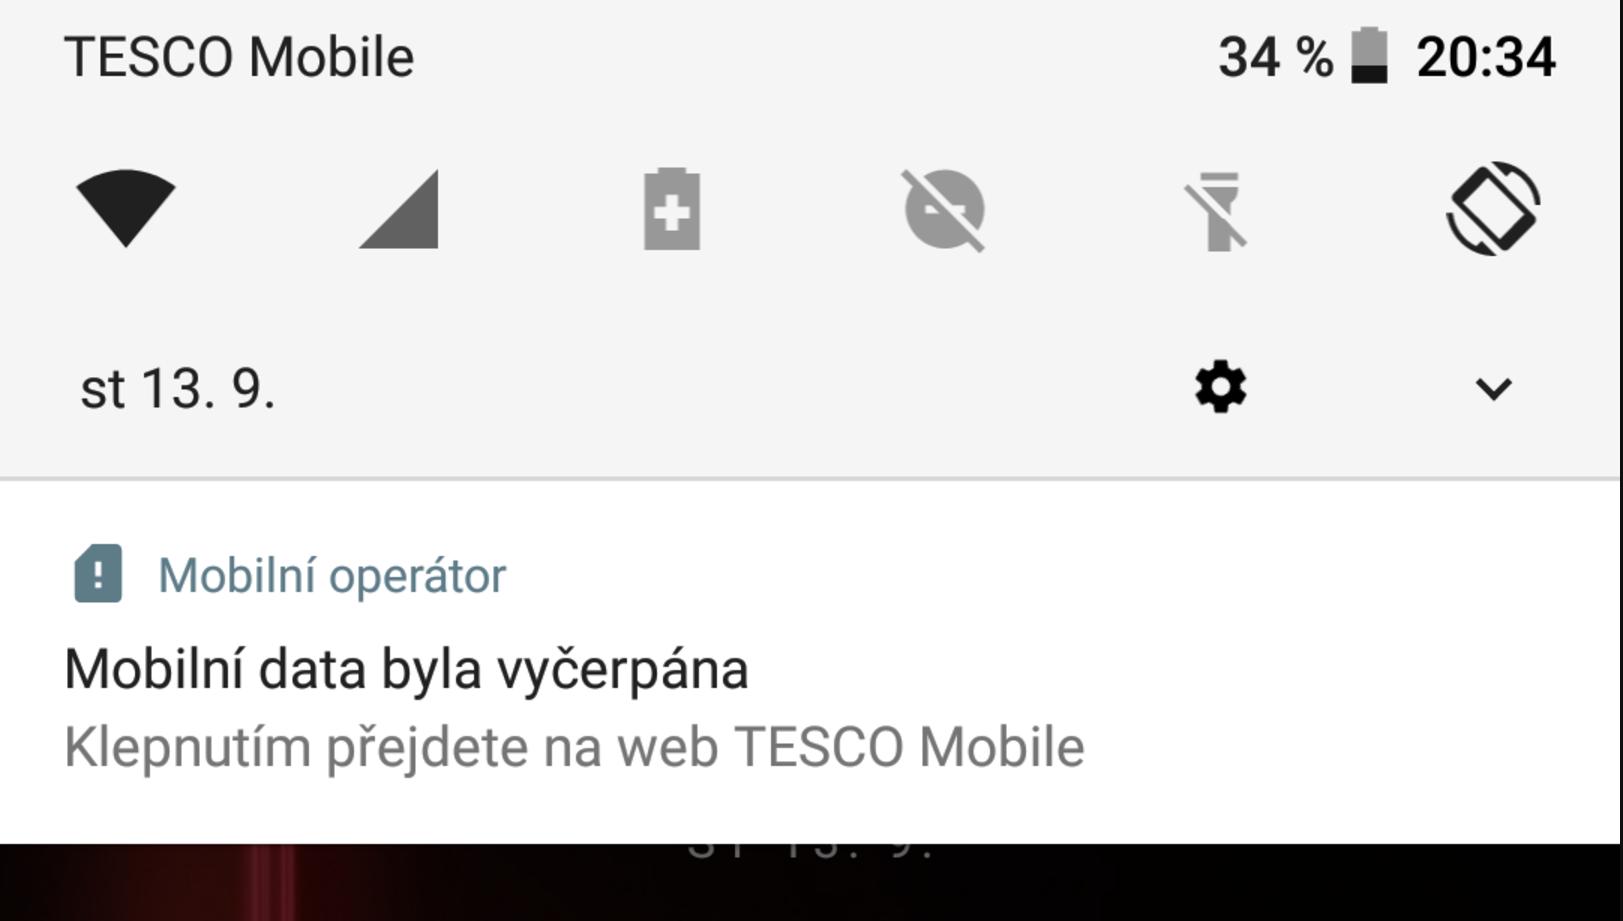 Android 8 Oreo – chyba způsobující zastavení mobilního připojení